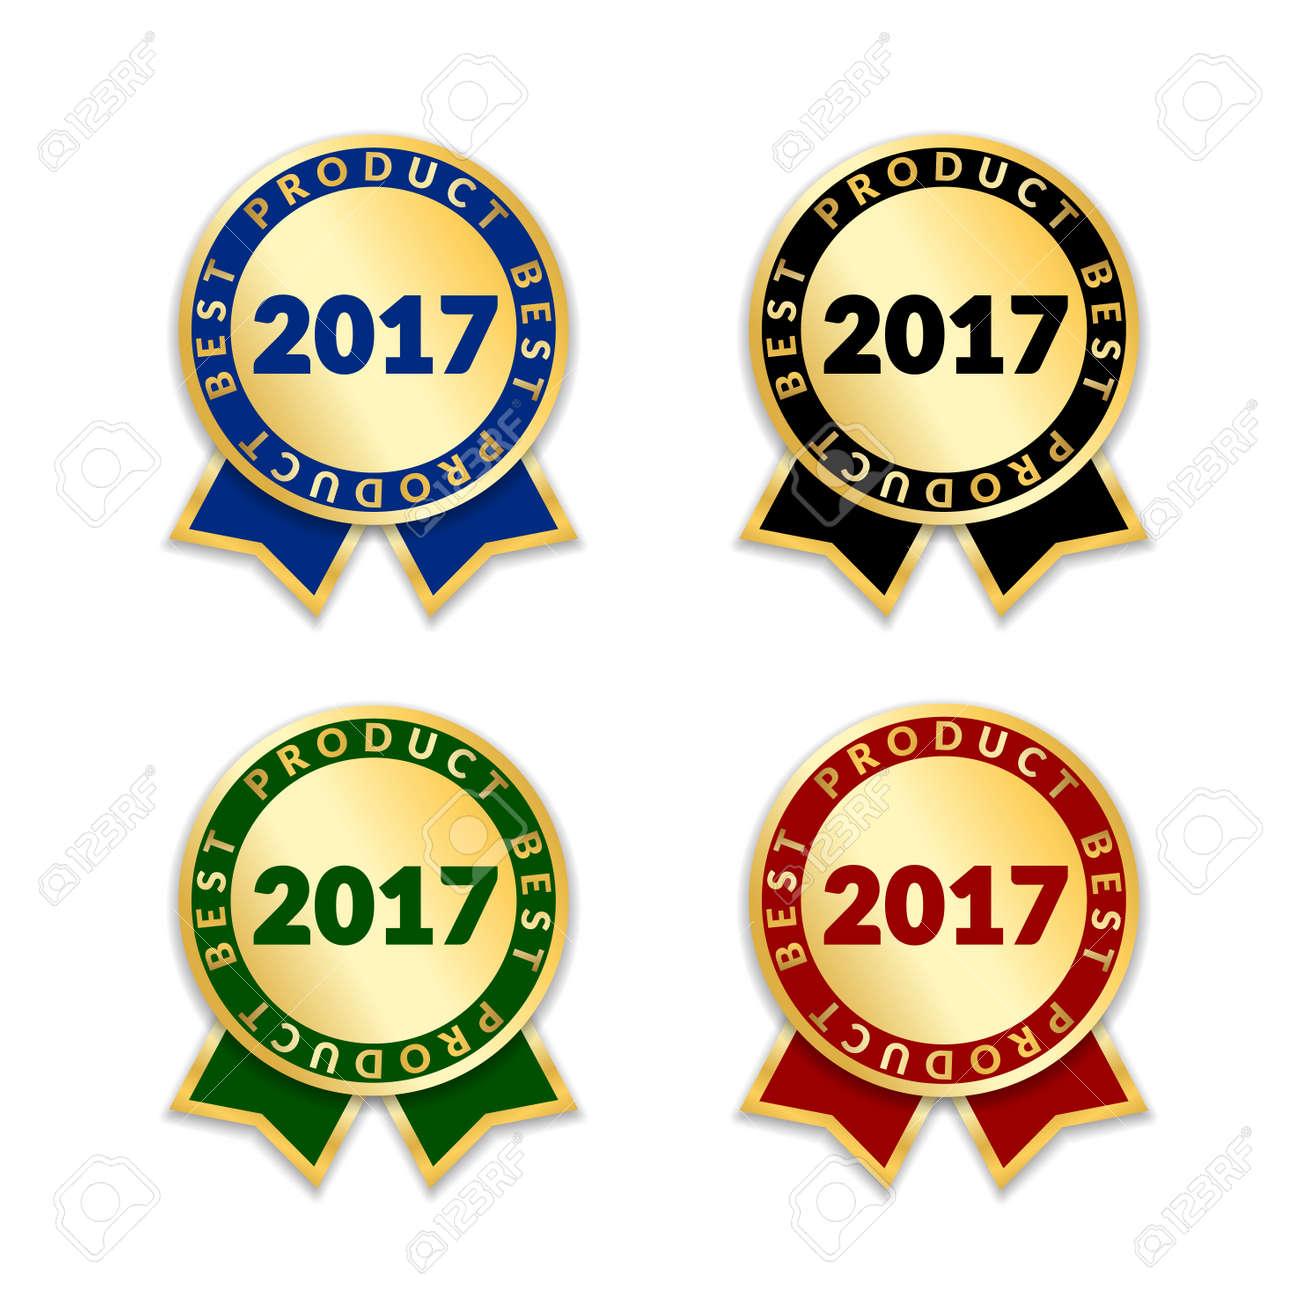 ribbons award best product of year 2017 set gold ribbon award